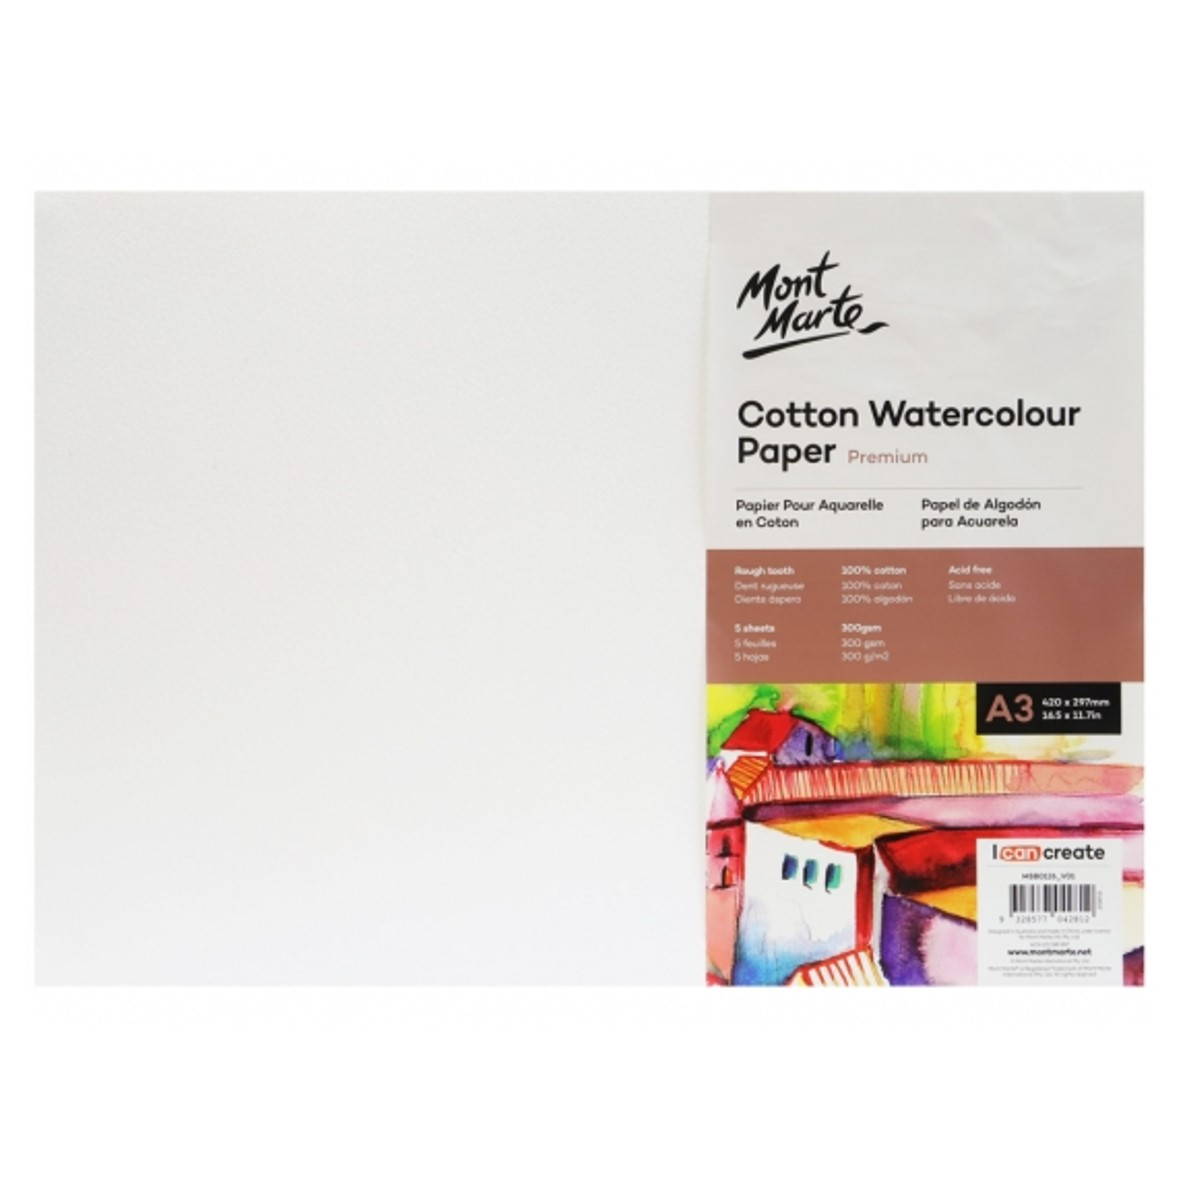 Premium Cotton Watercolour Paper 300gsm A3